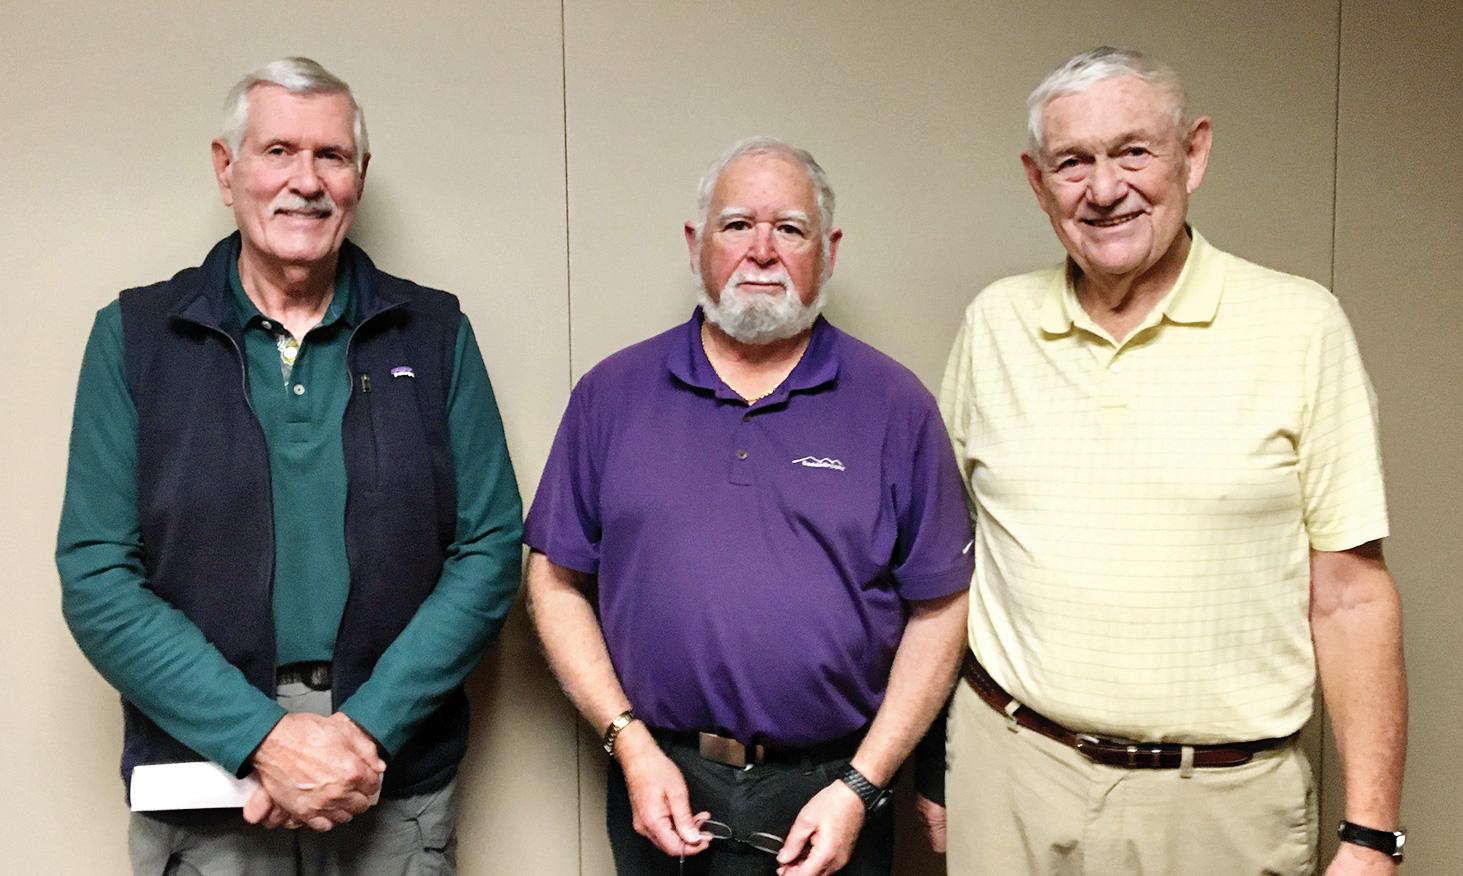 SB Men's Niner officers (left to right): Gary Brunelle, Jay Love, and Gary Beeler